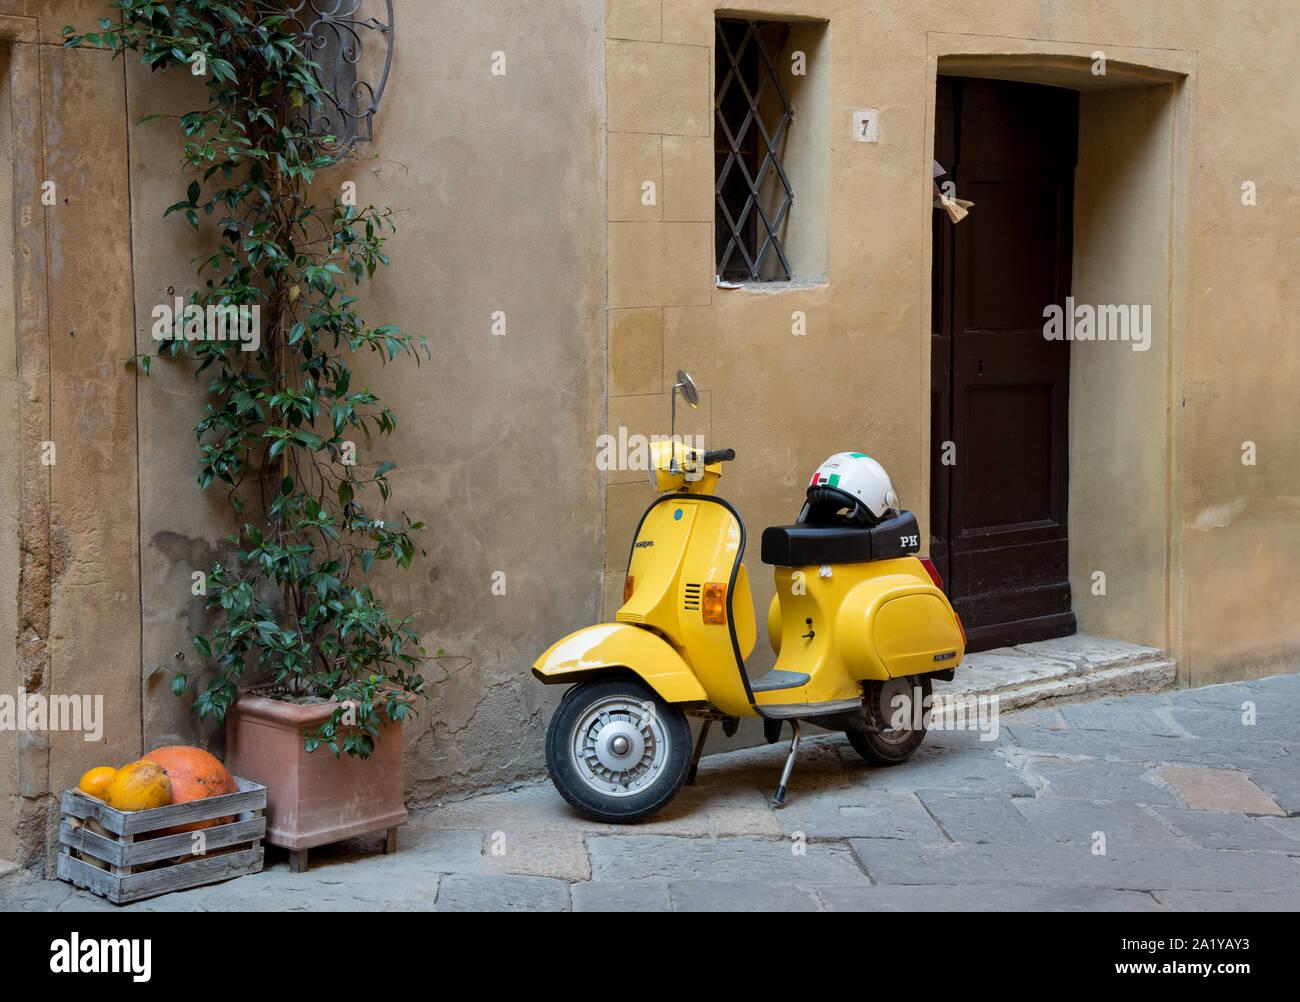 Jaune brillant à l'extérieur d'une moto élégante maison traditionnelle Italienne Banque D'Images